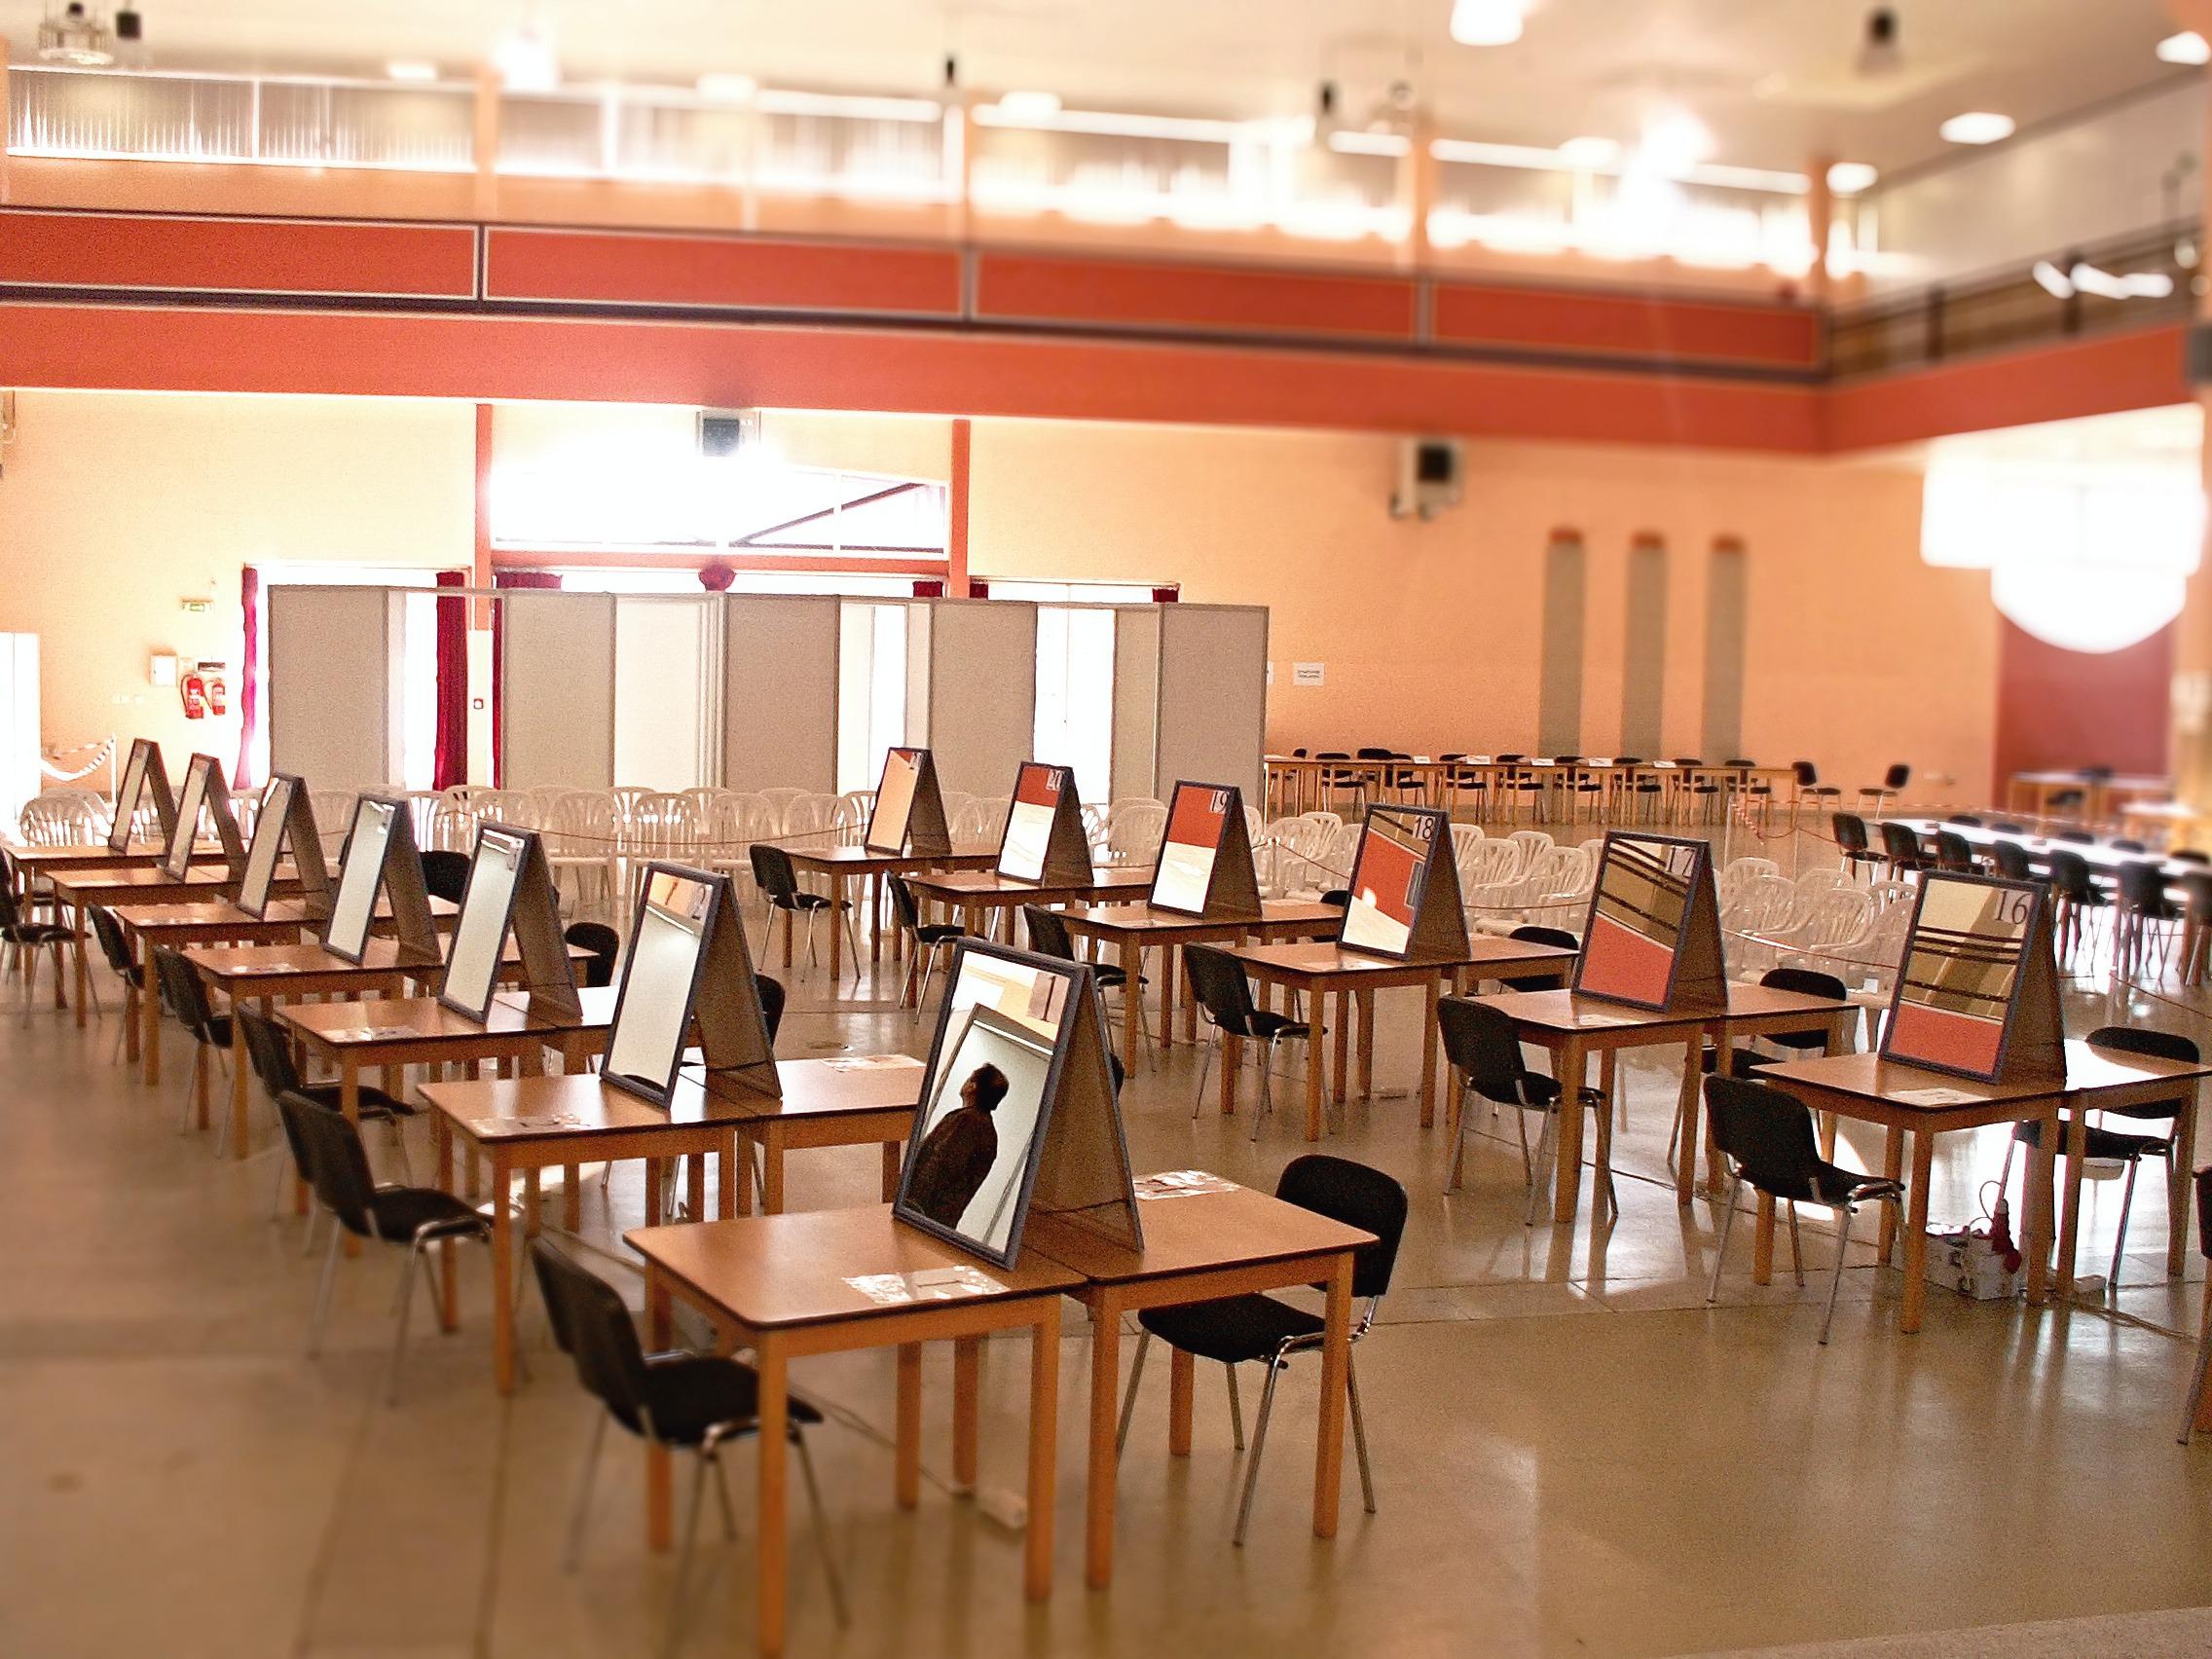 Kostenlose foto : Schreibtisch, Auditorium, Sessel, Restaurant ...